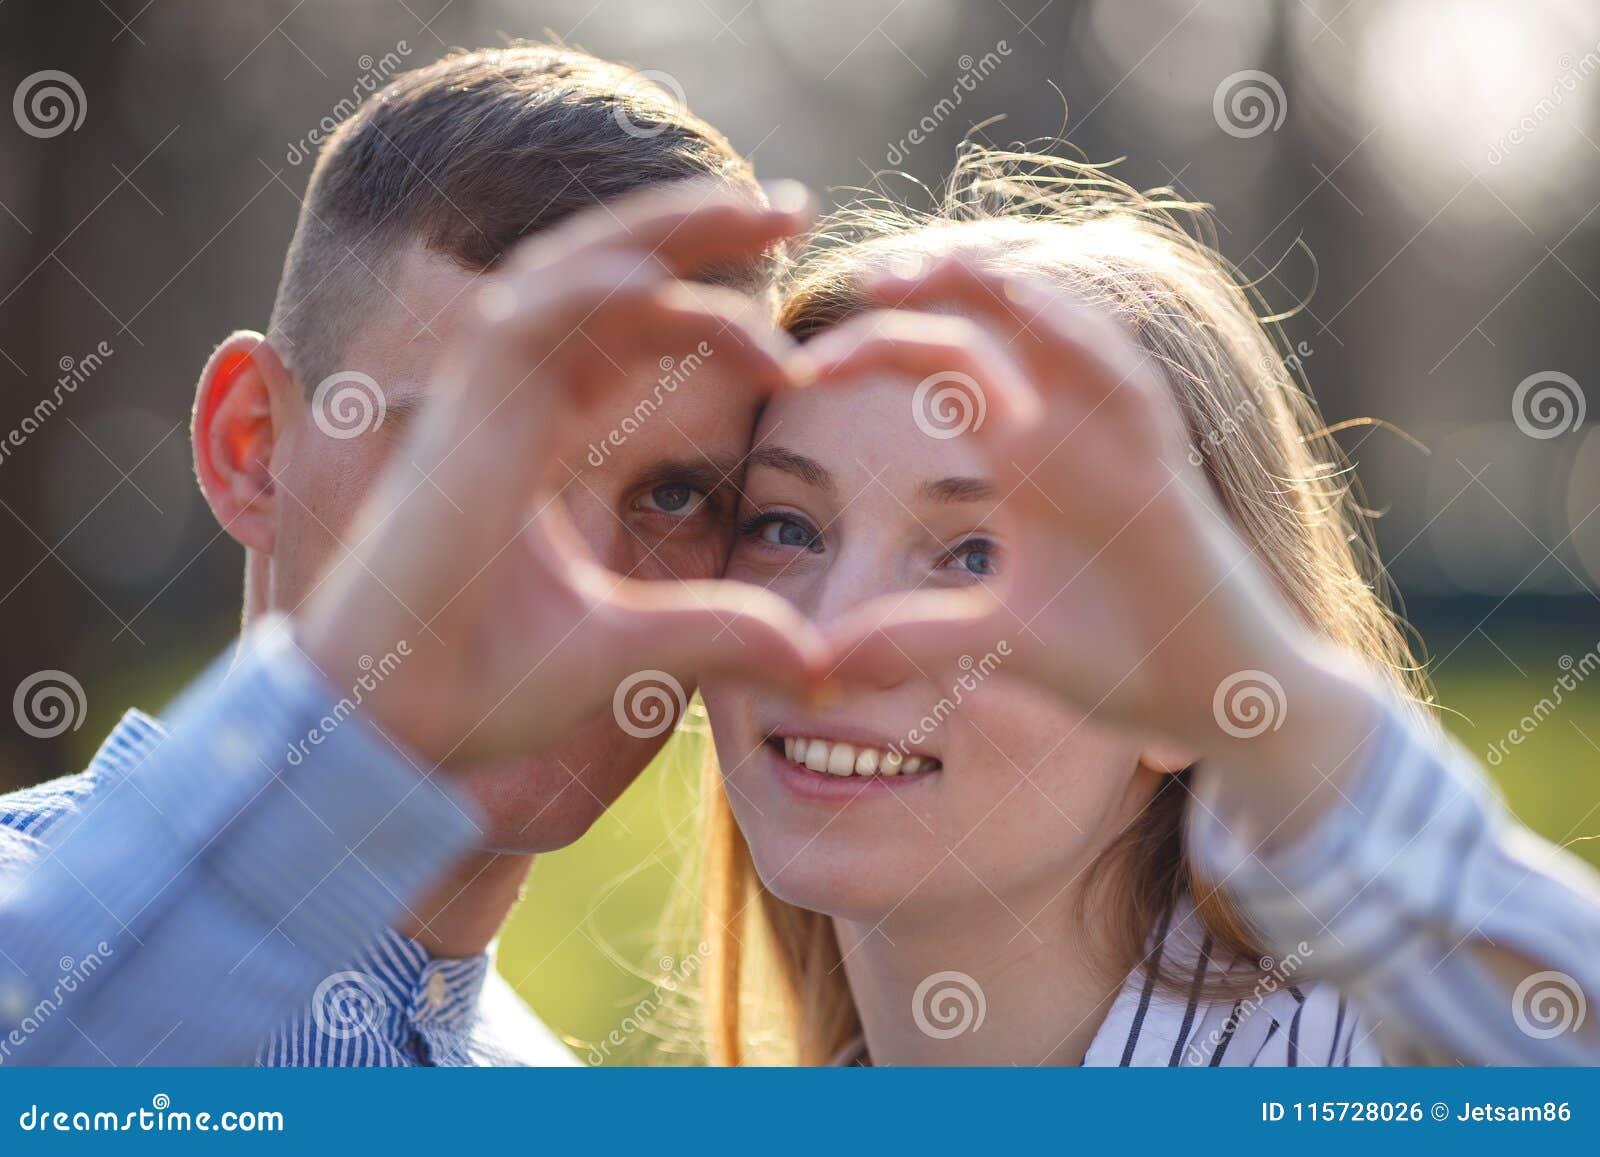 Acople a vista através de um coração feito com dedos